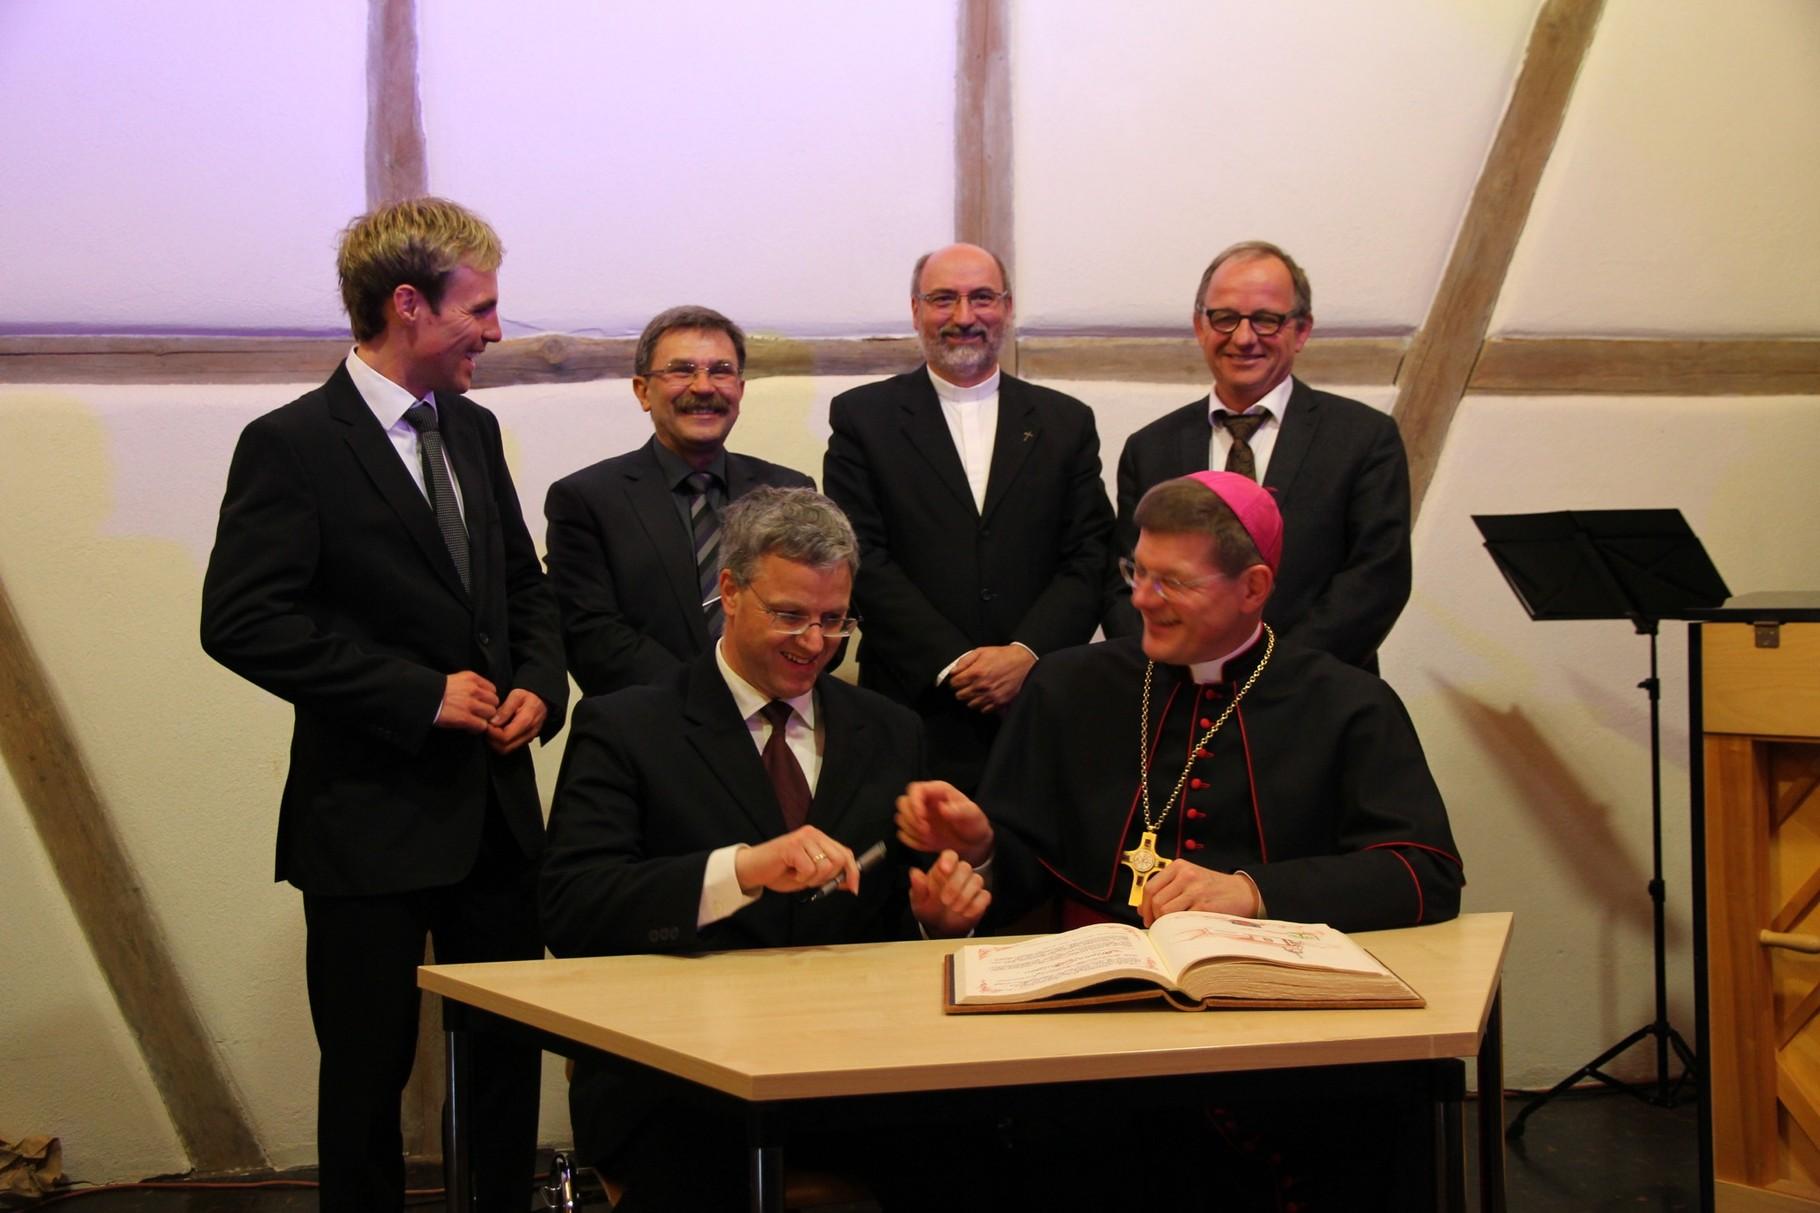 Eintrag von Erzbischof Stephan Burger in das Goldene Buch der Gemeinde Seckach (1)